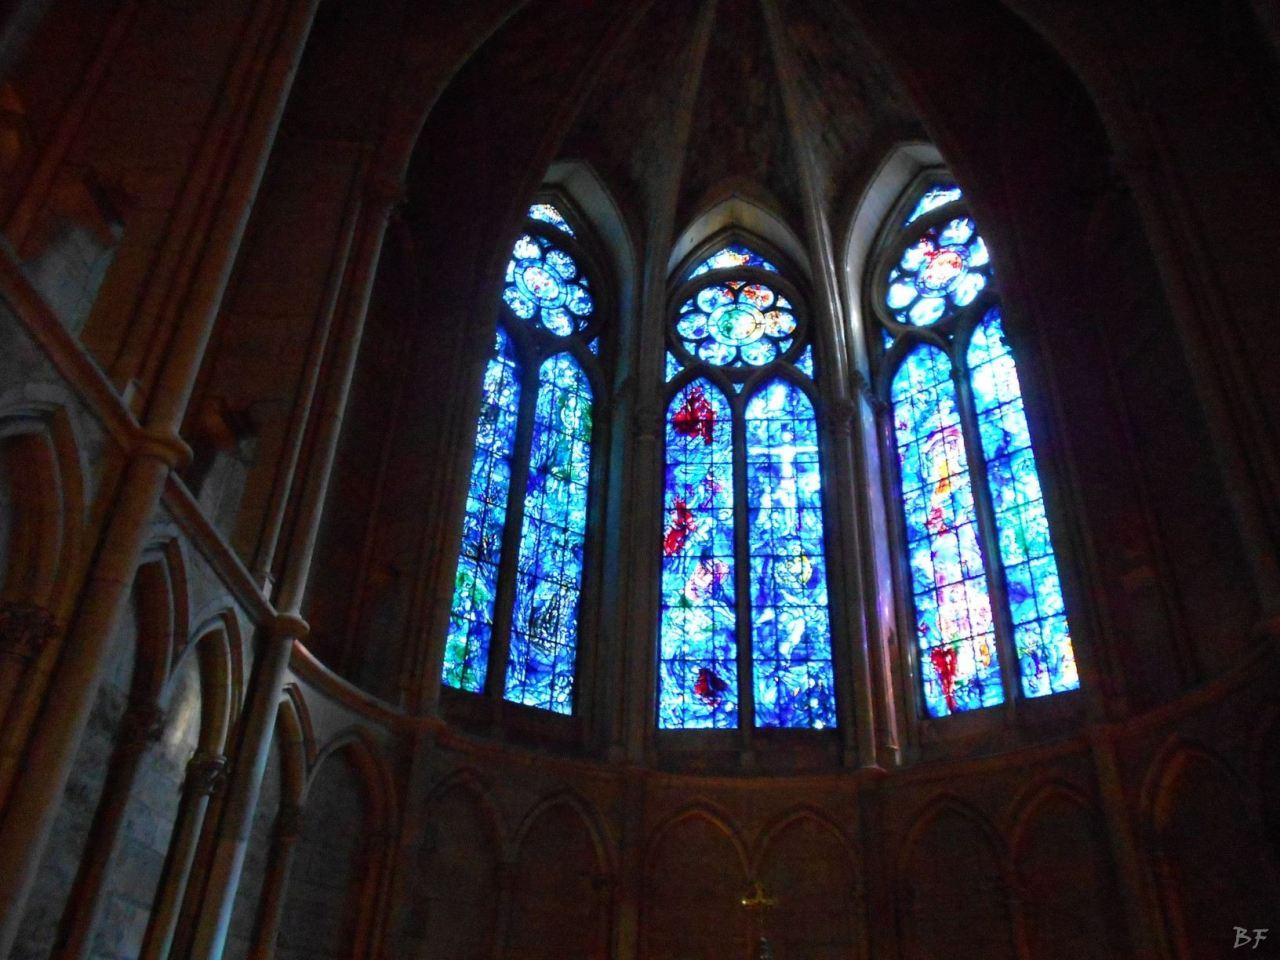 Cattedrale-Gotica-della-Vergine-di-Reims-Marne-Gran-Est-Francia-22